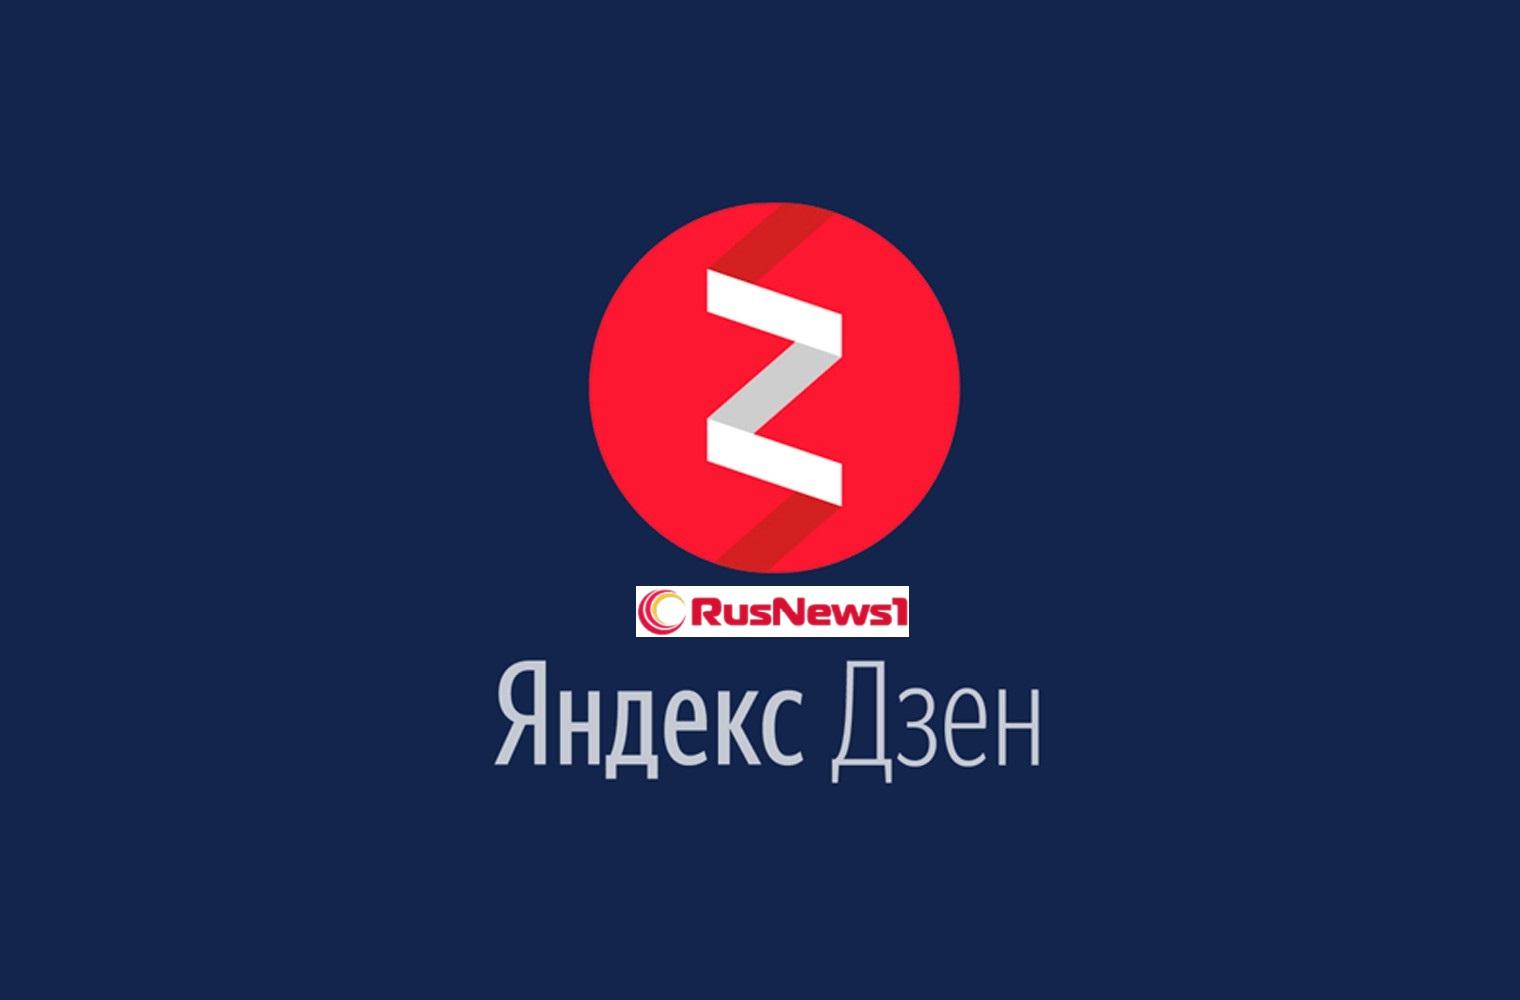 Размещение рекламы и информации на канале Яндекс Дзен RusNews1 : info@rusnews1.ru